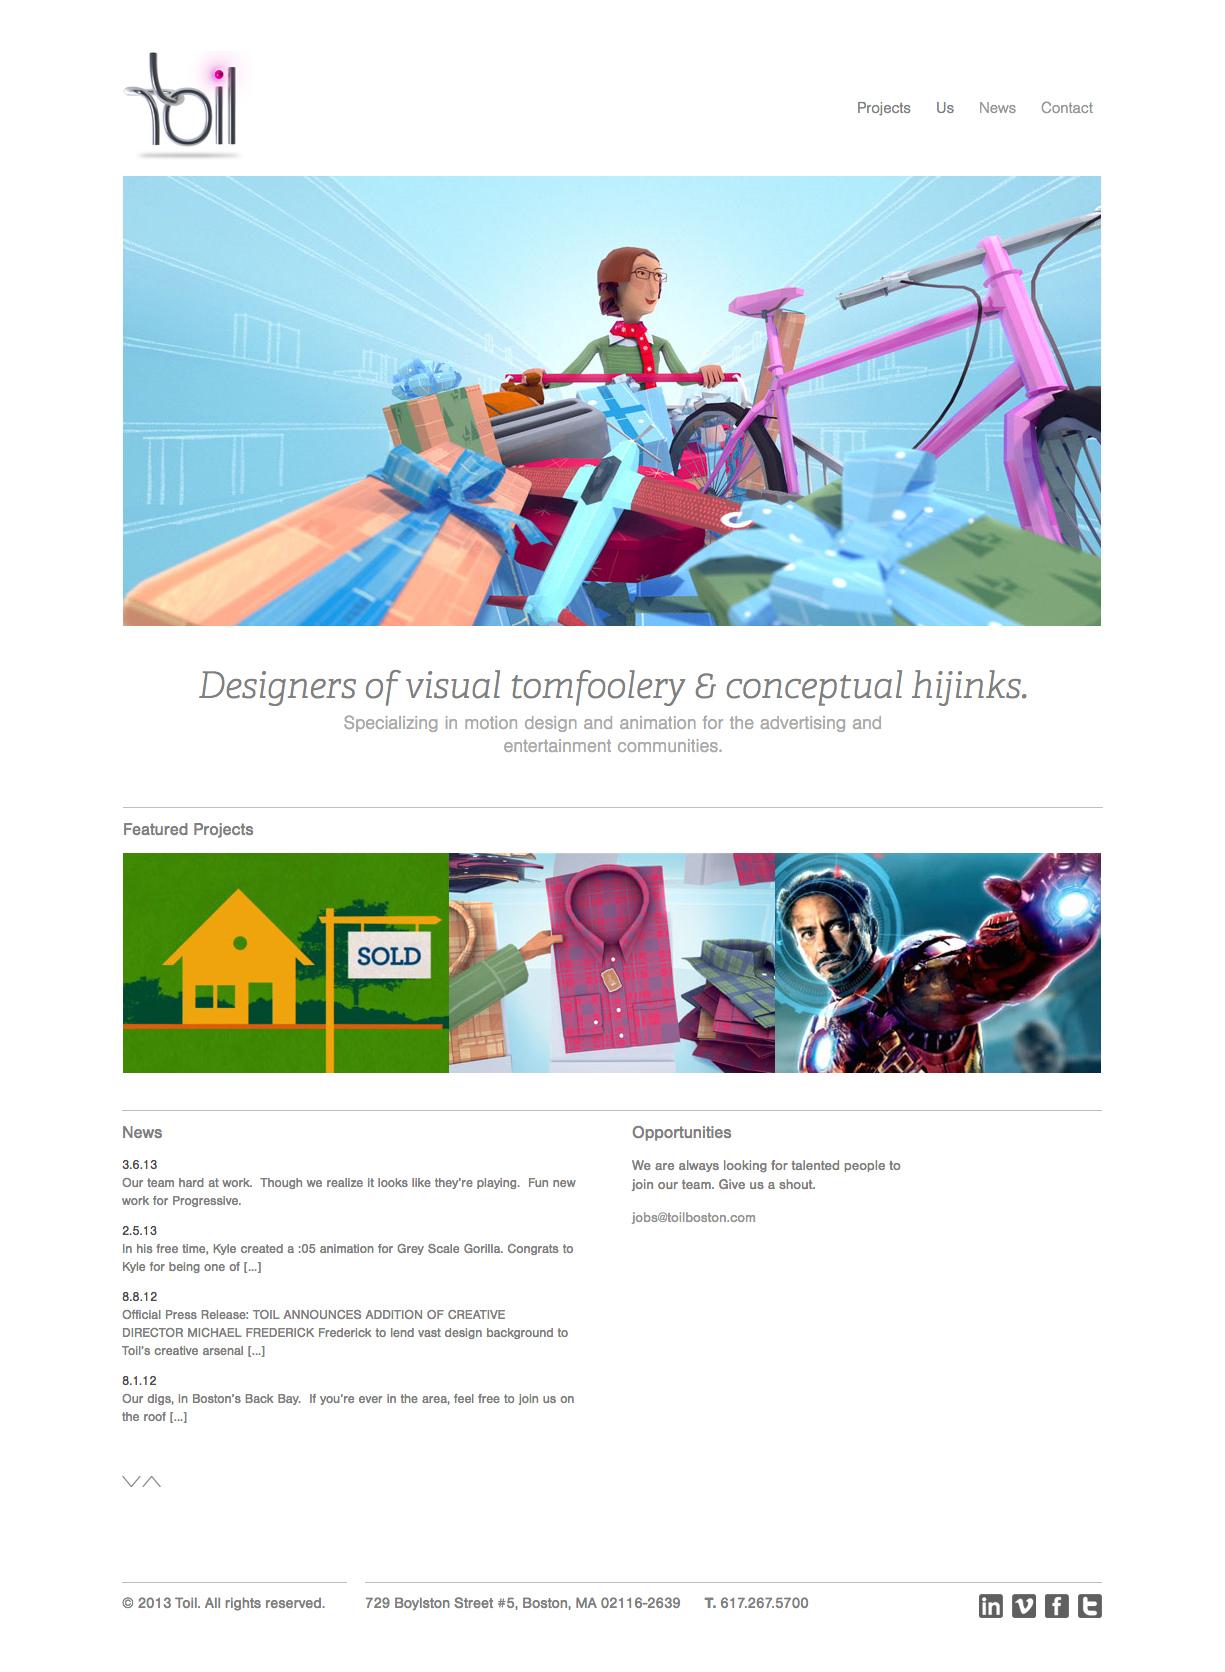 Toil Website details